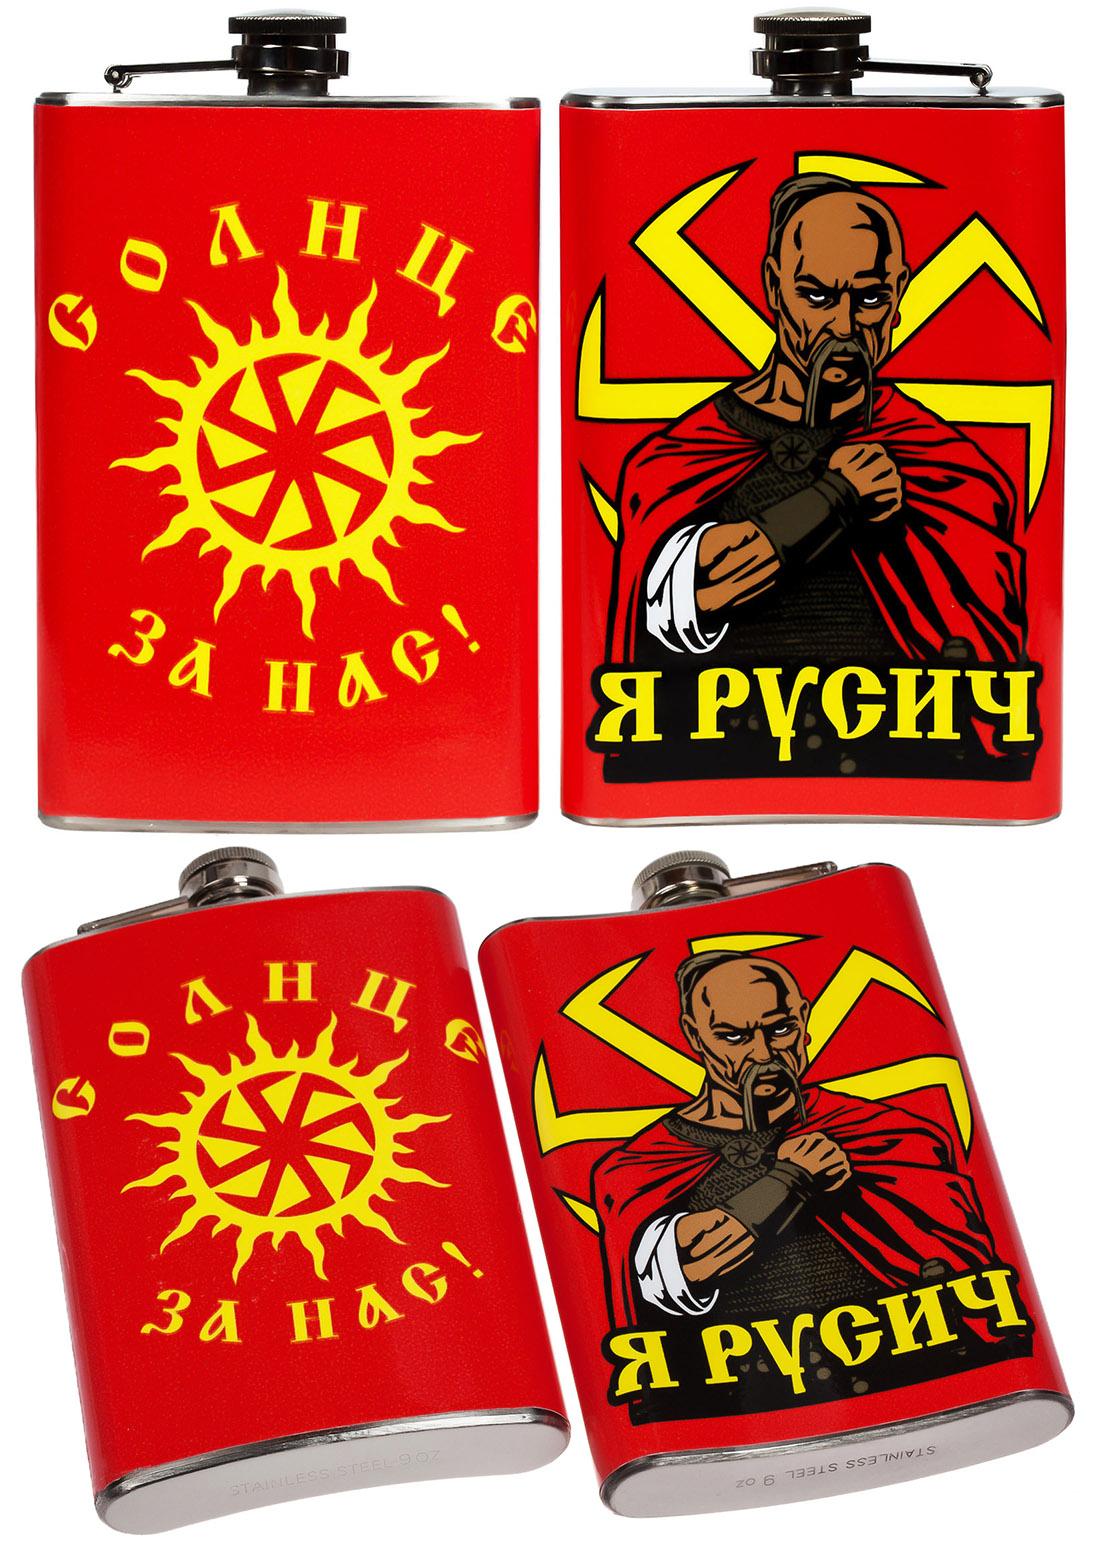 Фляга «Солнце за нас» - заказать в подарок мужчине